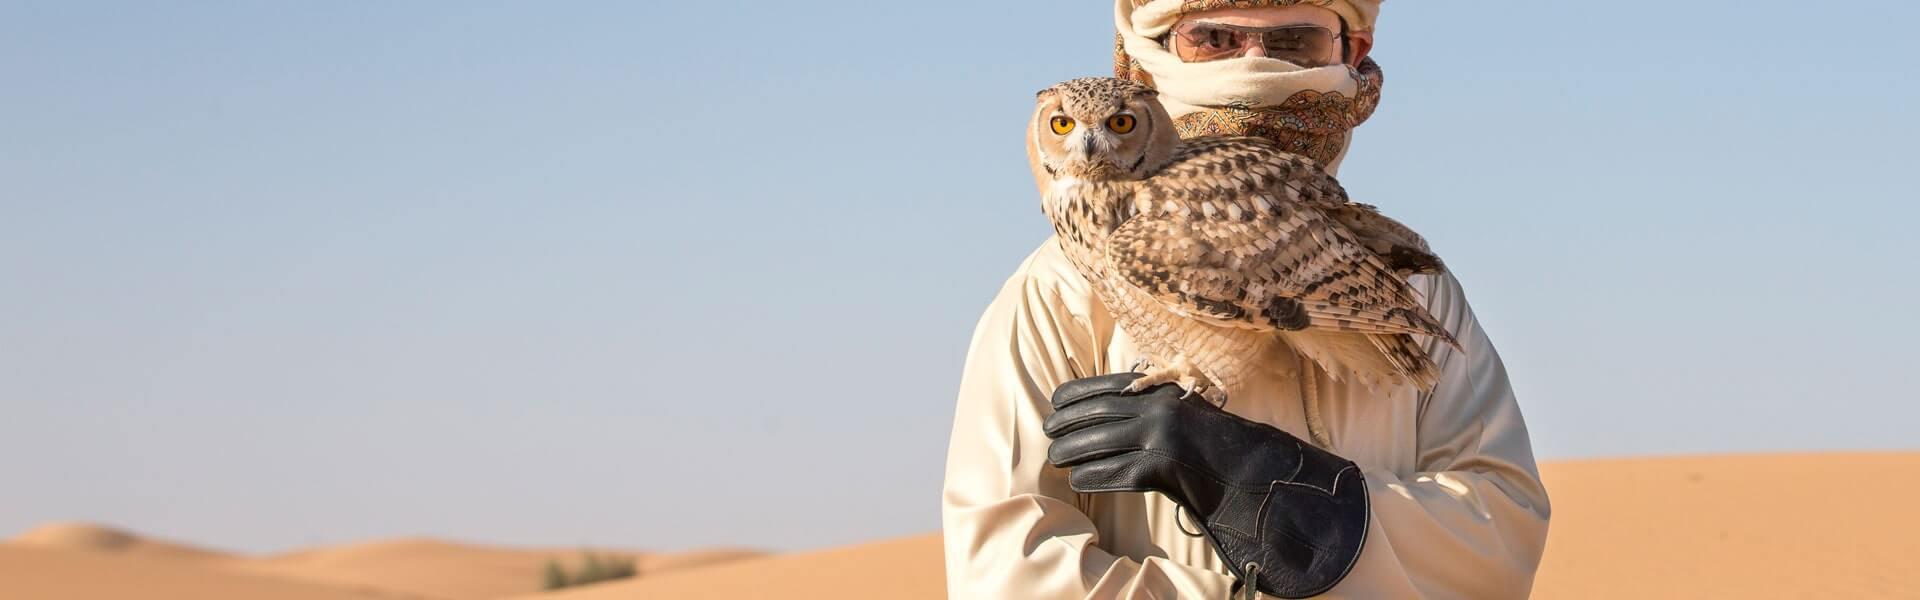 Incentive Reise Dubai mit Falkenshow in der Wüste zum Sundowner, b-ceed